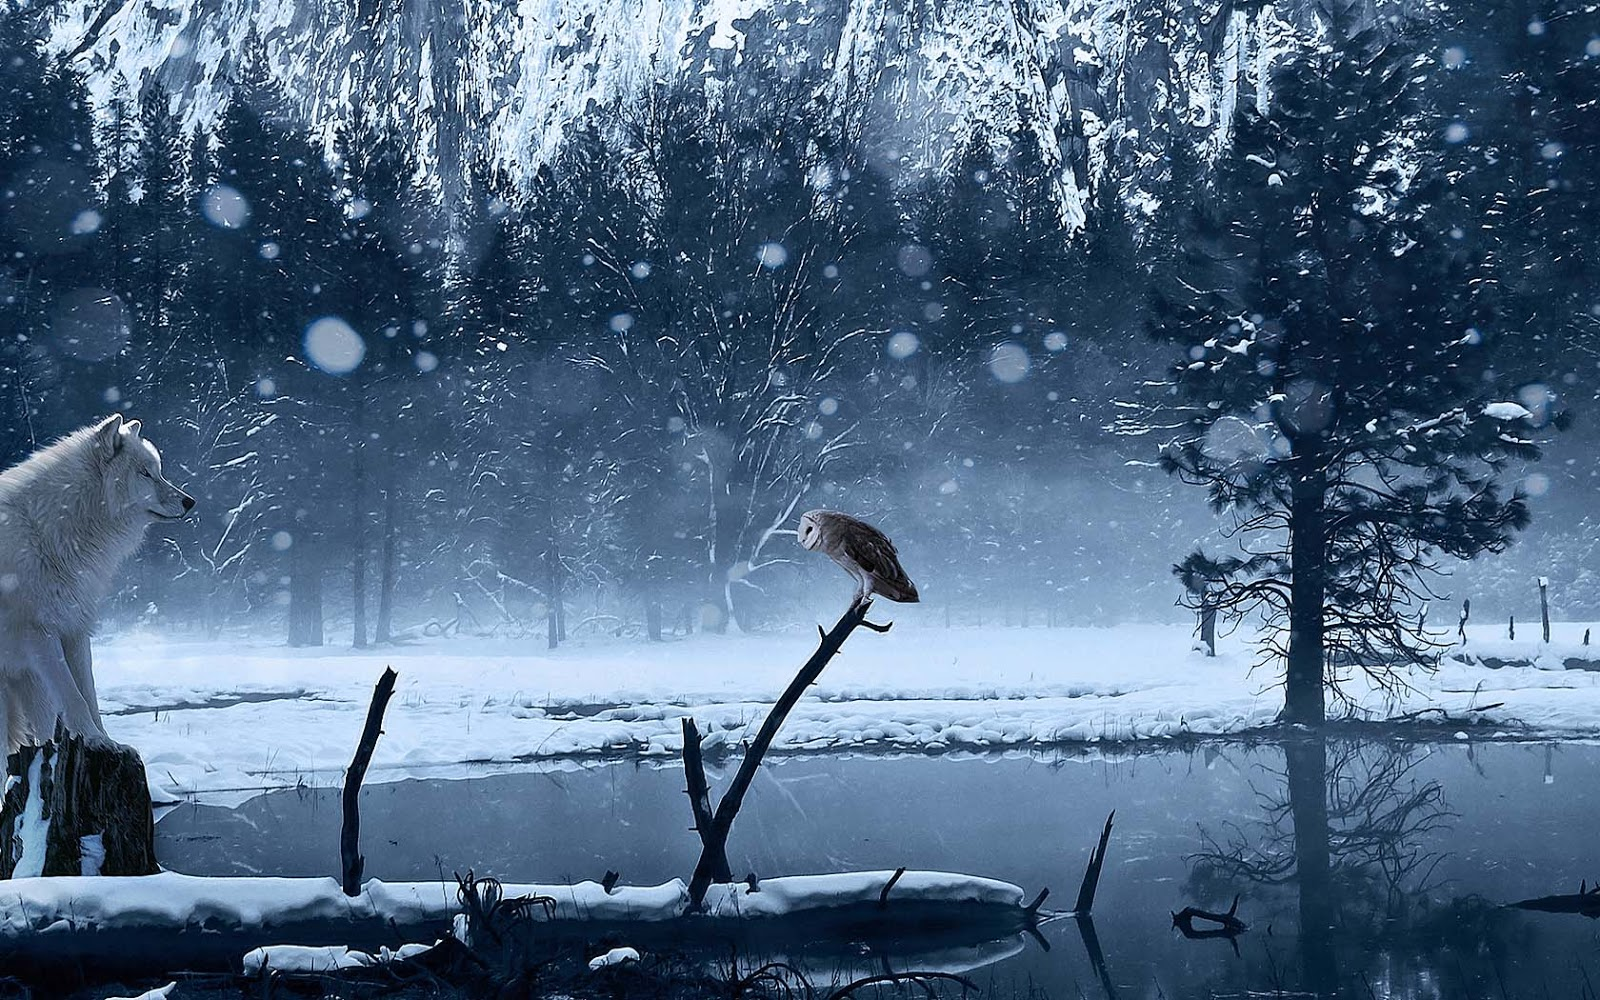 http://3.bp.blogspot.com/-xBdUkMLy5_4/UJwISNMDheI/AAAAAAAAItA/q8znsHETqLs/s1600/winter-wallpaper-met-een-wolf-en-een-uil.jpg